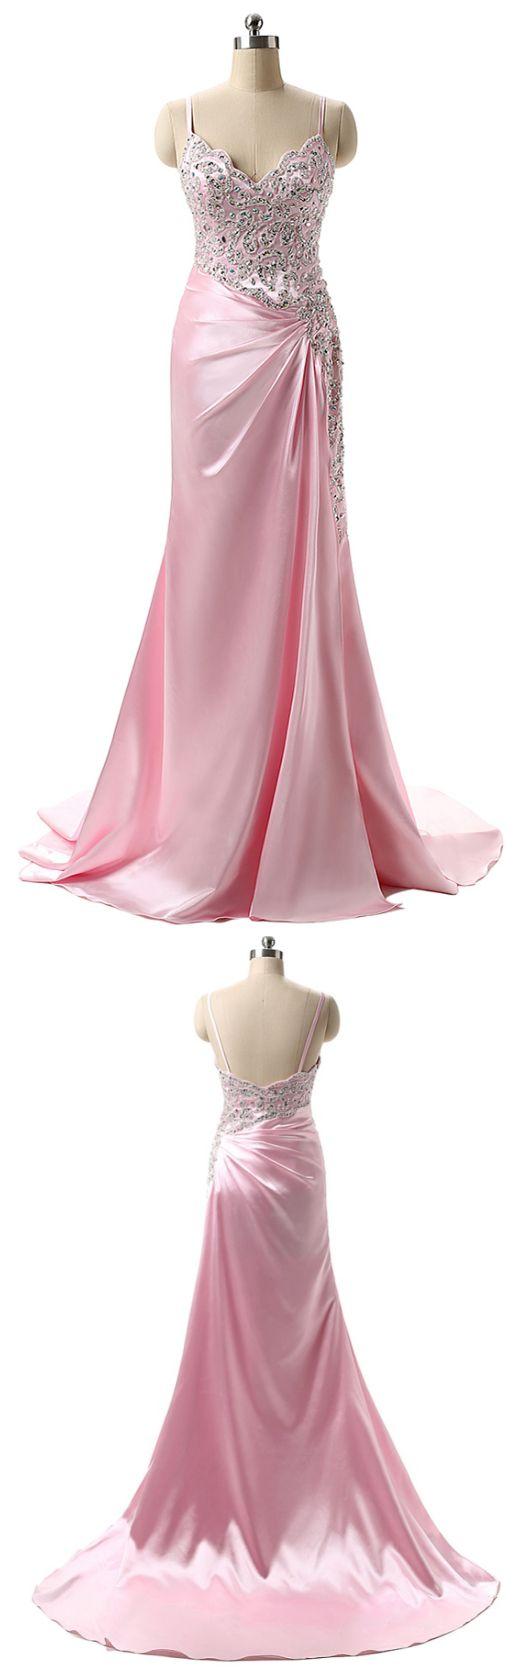 Mejores 515 imágenes de Gorgeous Evening Gowns en Pinterest ...